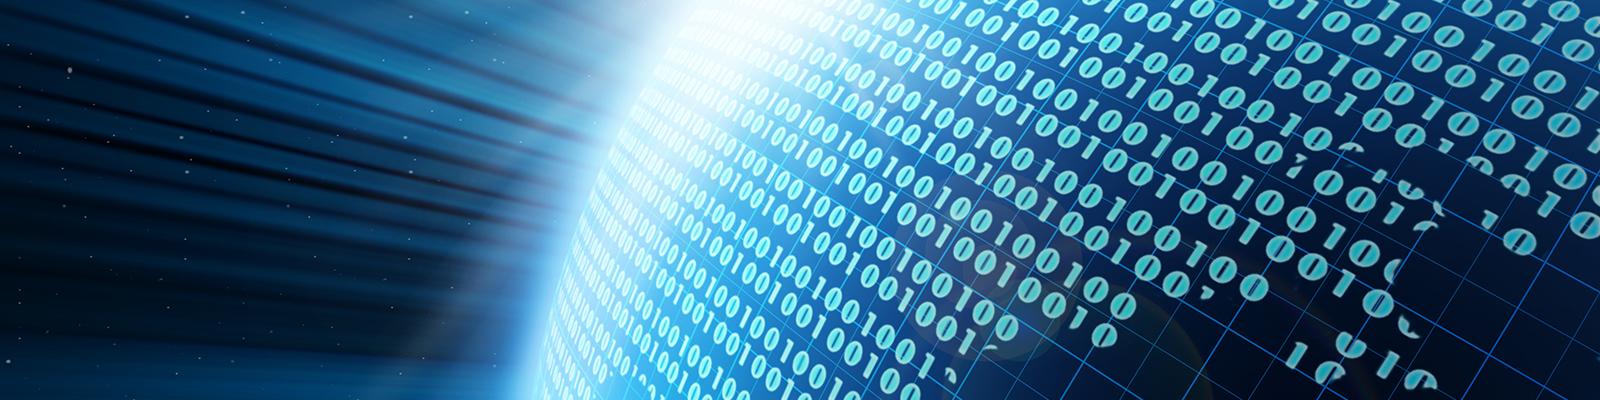 Keyvisual zu G20, Symboldbild für Digitalisierung; Quelle: iStock.com/Yakobchuk